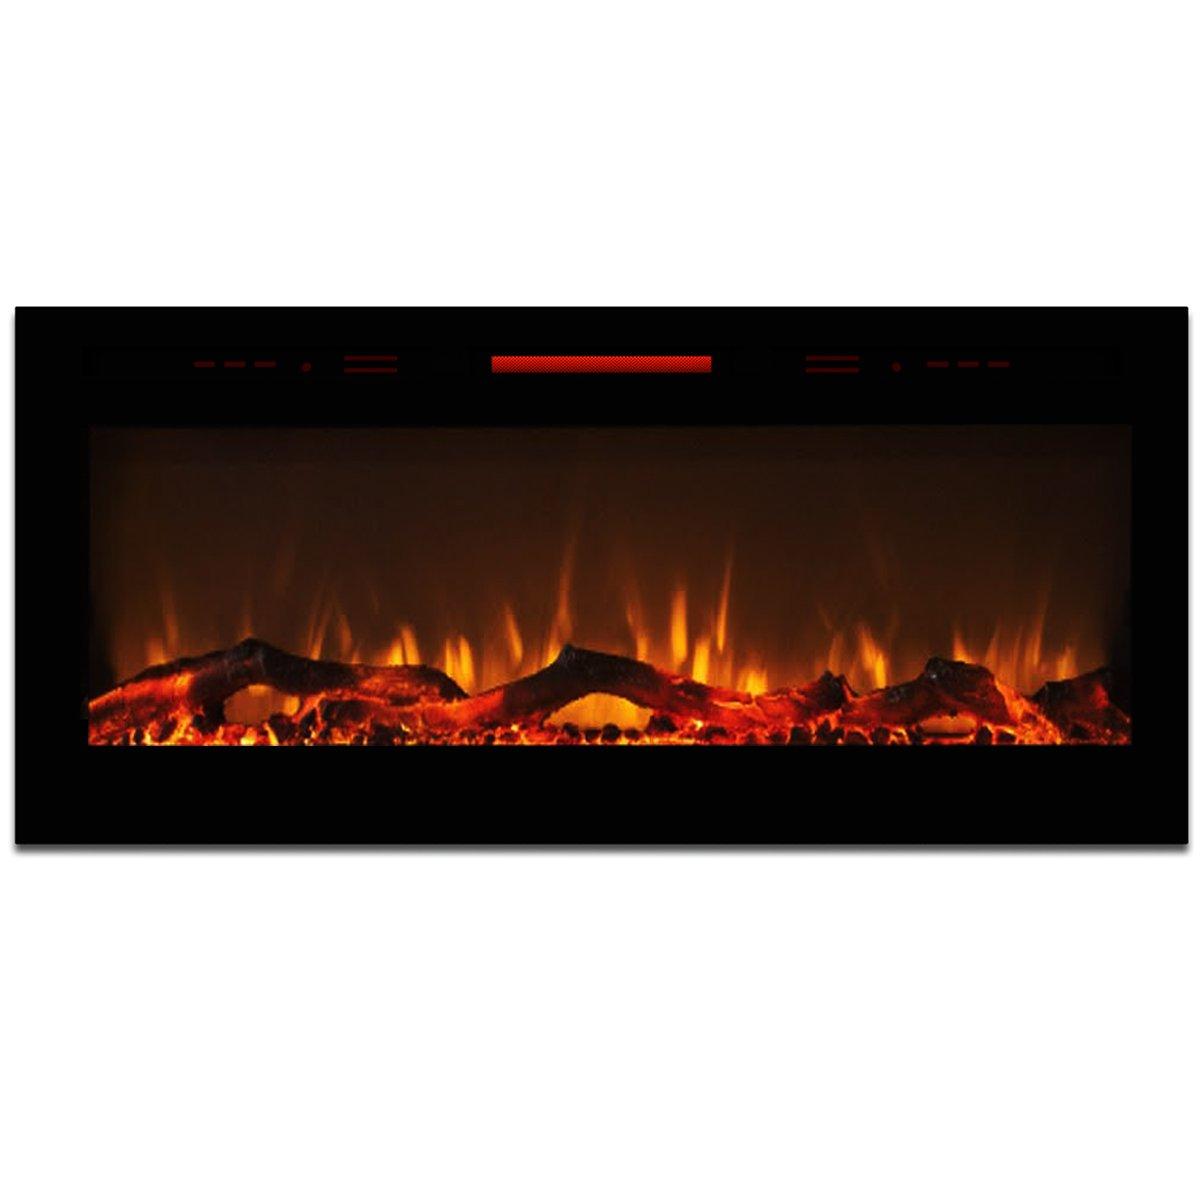 Amazon.com: Elite Flame 50